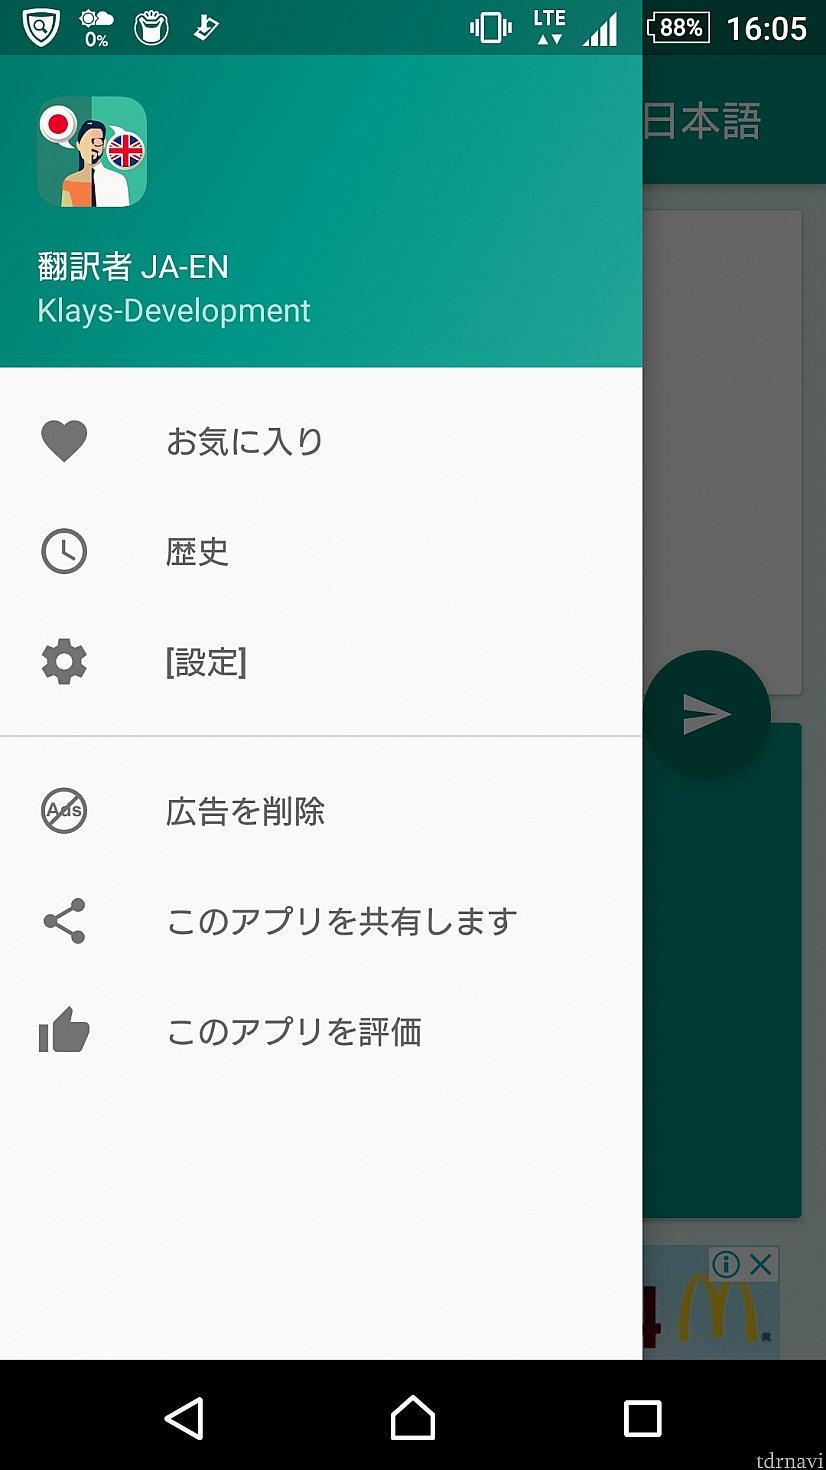 この無料翻訳アプリで、やりとりをしてみました。文字打ち苦戦しましたが。